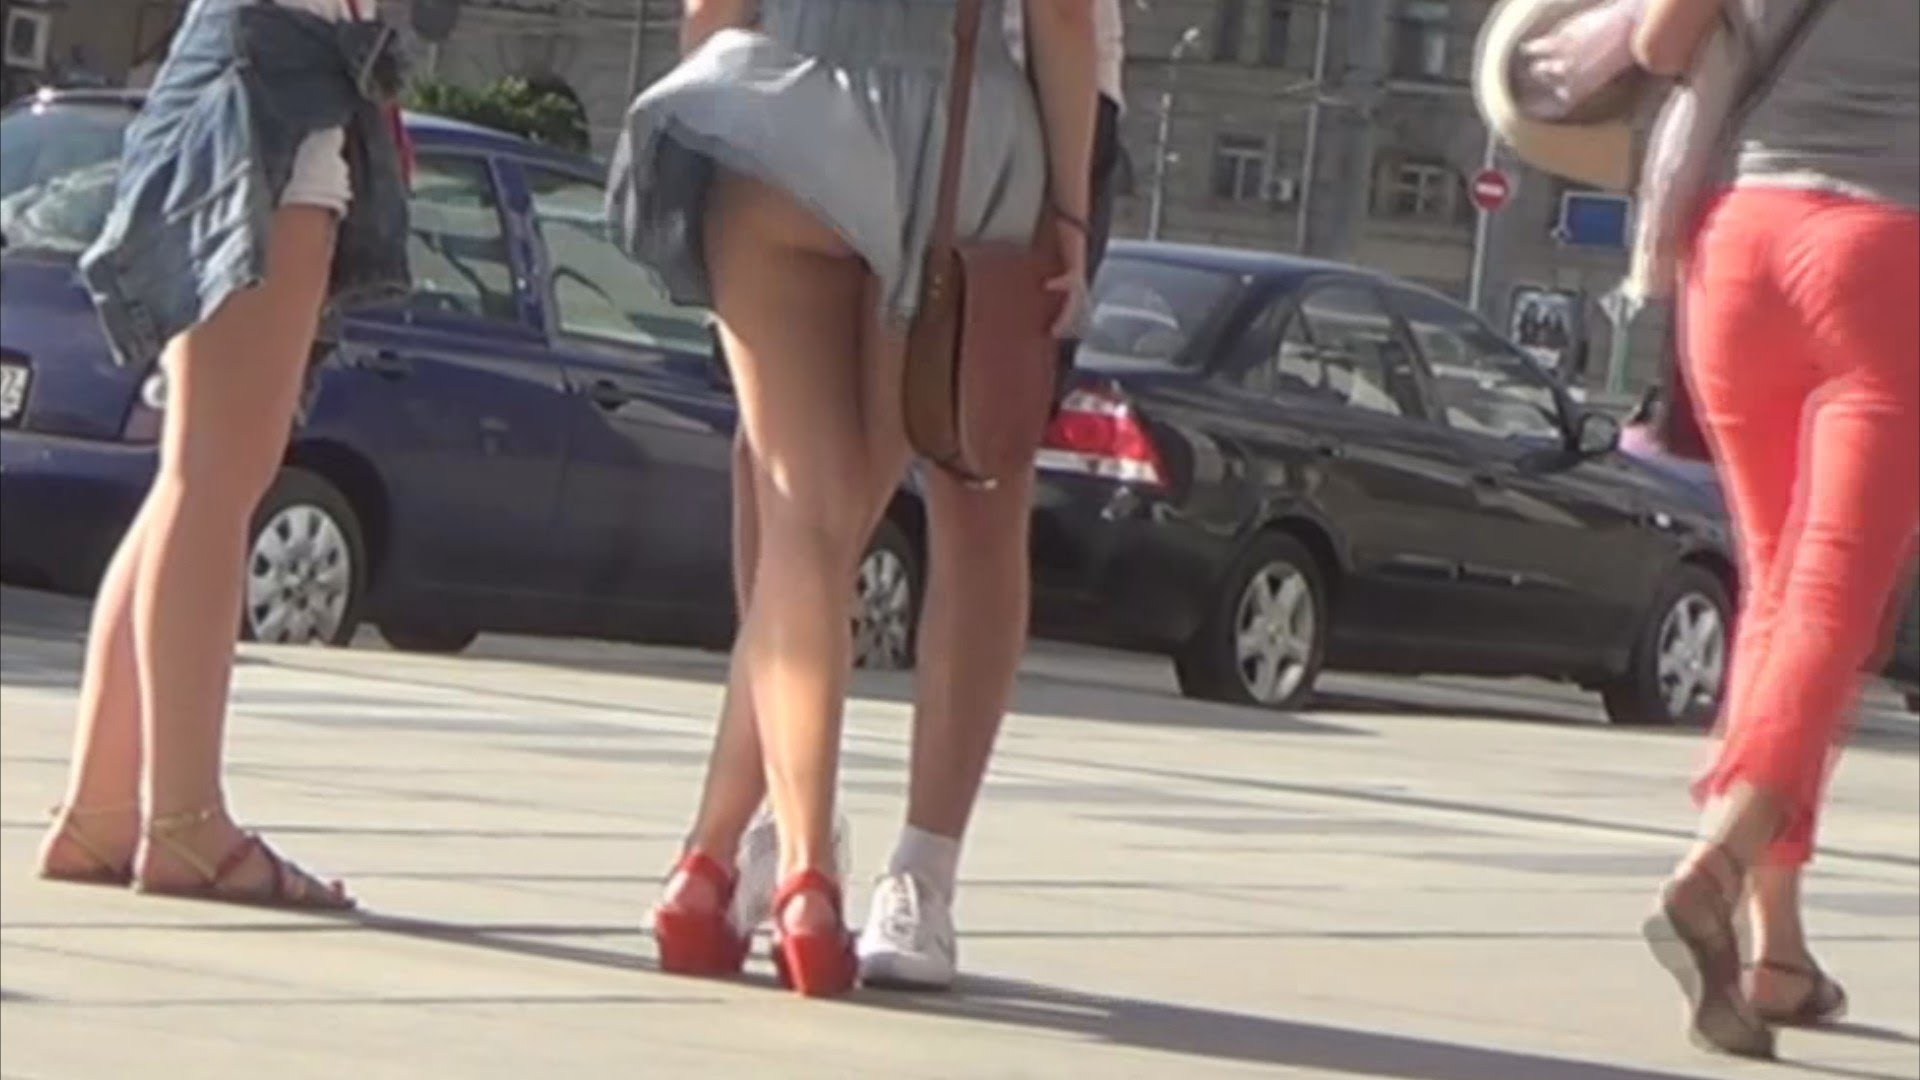 Русский пикап парней девушками на улице, Пикап порно онлайн, секс пикаперов на 24 видео 7 фотография